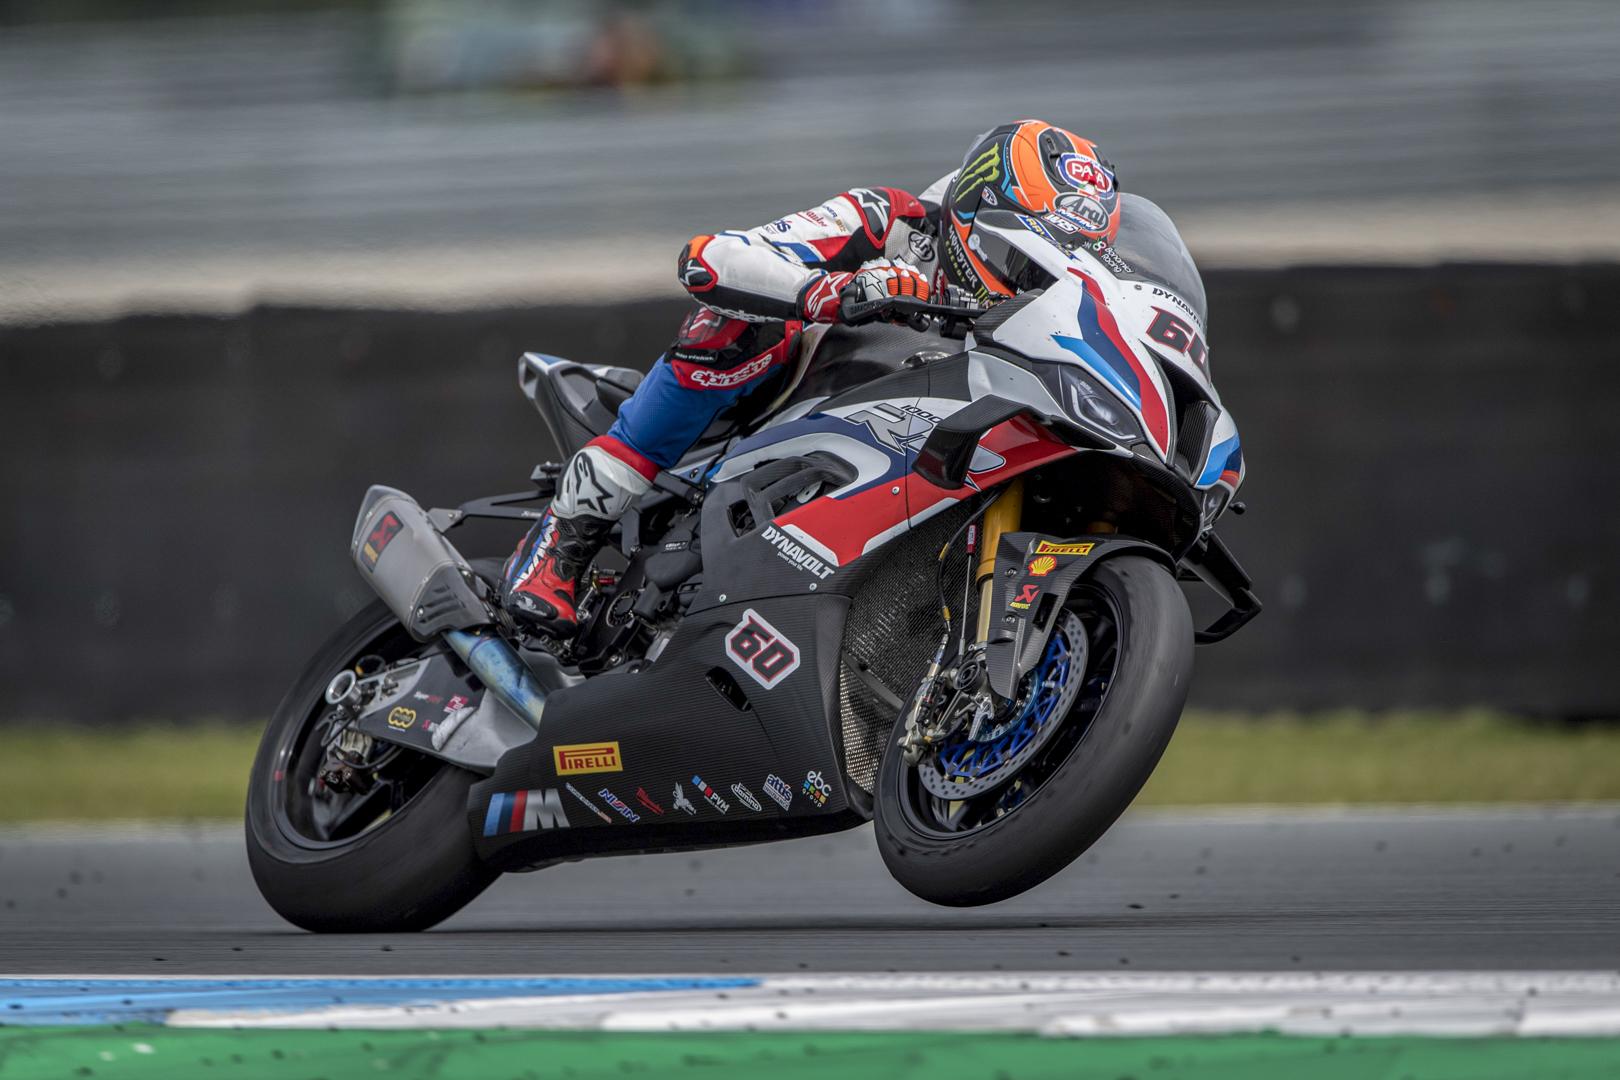 Mixed feelings for BMW Motorrad Motorsport on WorldSBK Saturday at Assen